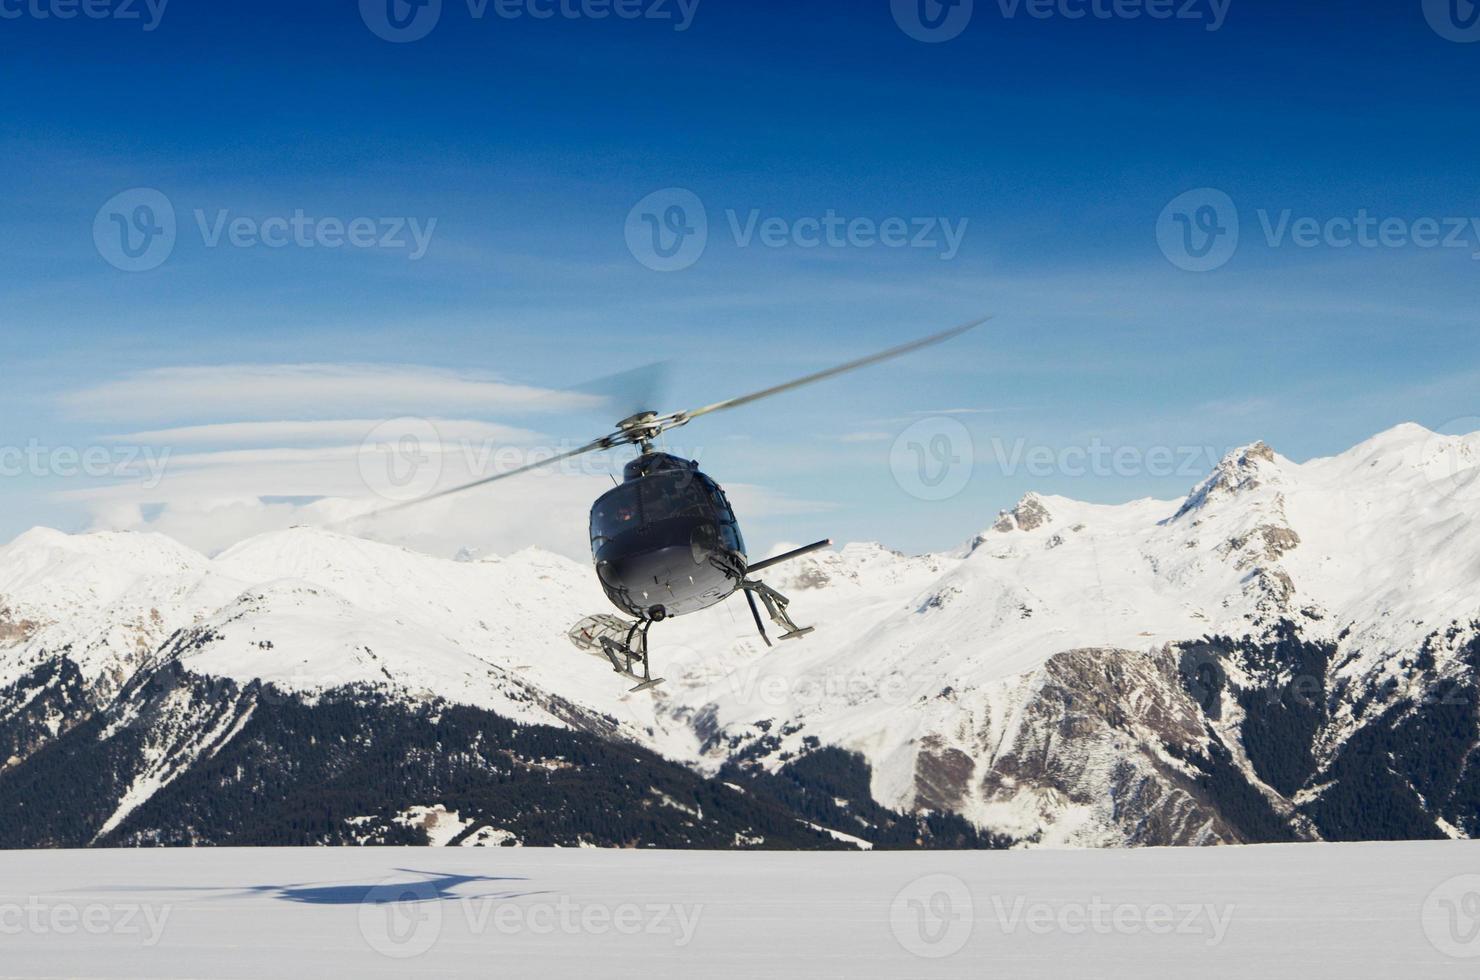 Un helicóptero de rescate de montaña en vuelo por montañas nevadas foto